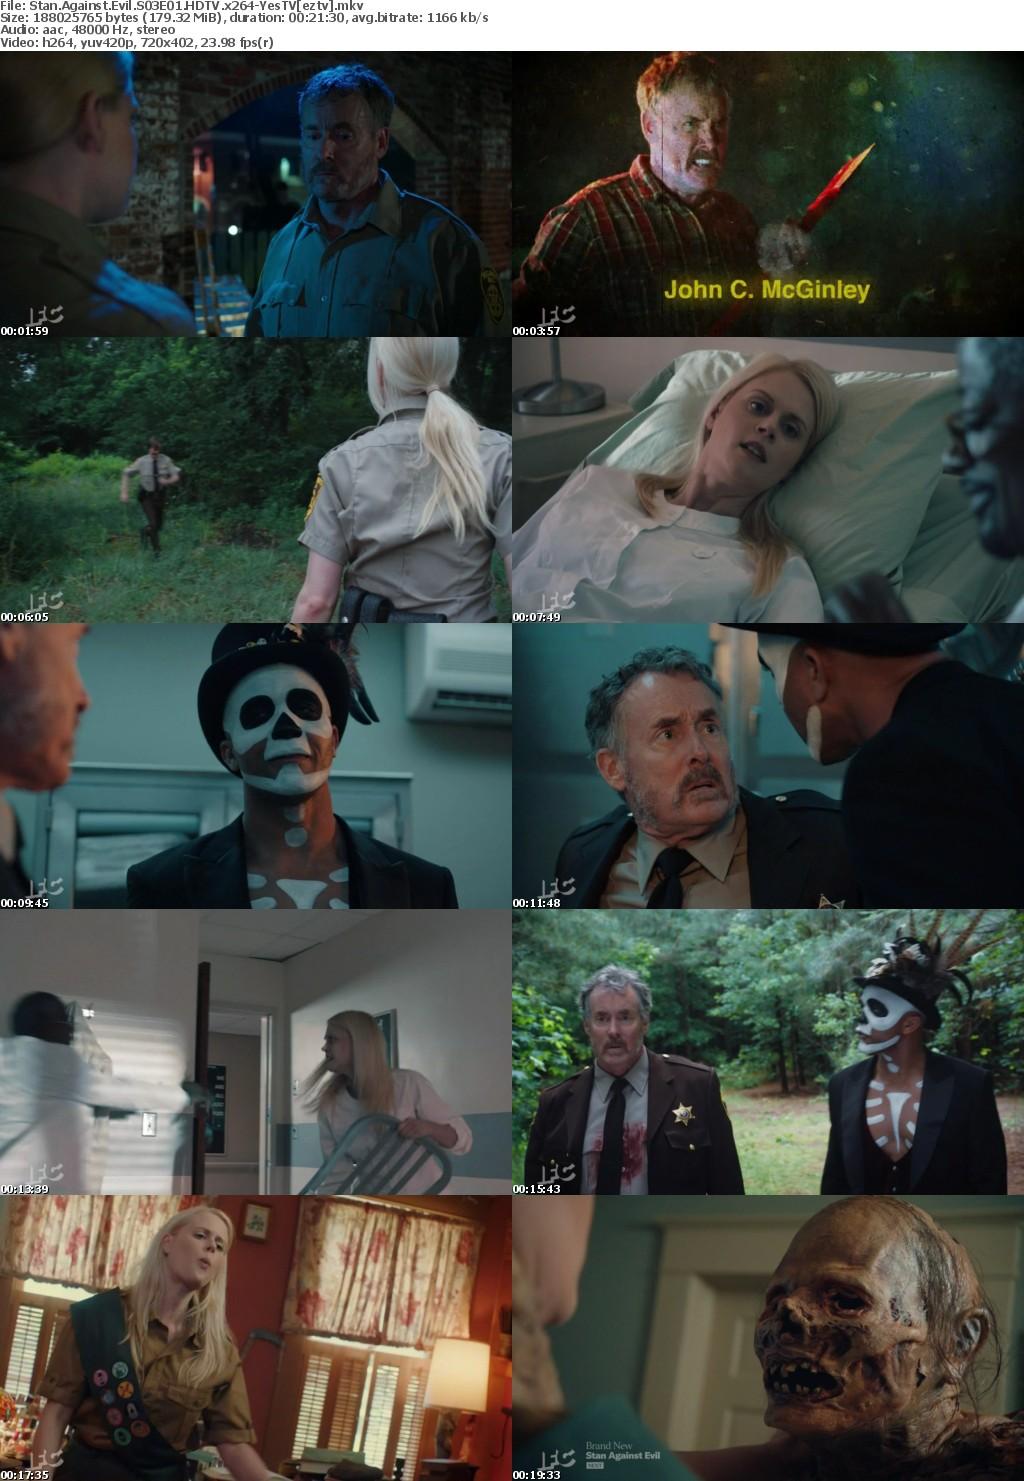 Stan Against Evil S03E01 HDTV x264-YesTV